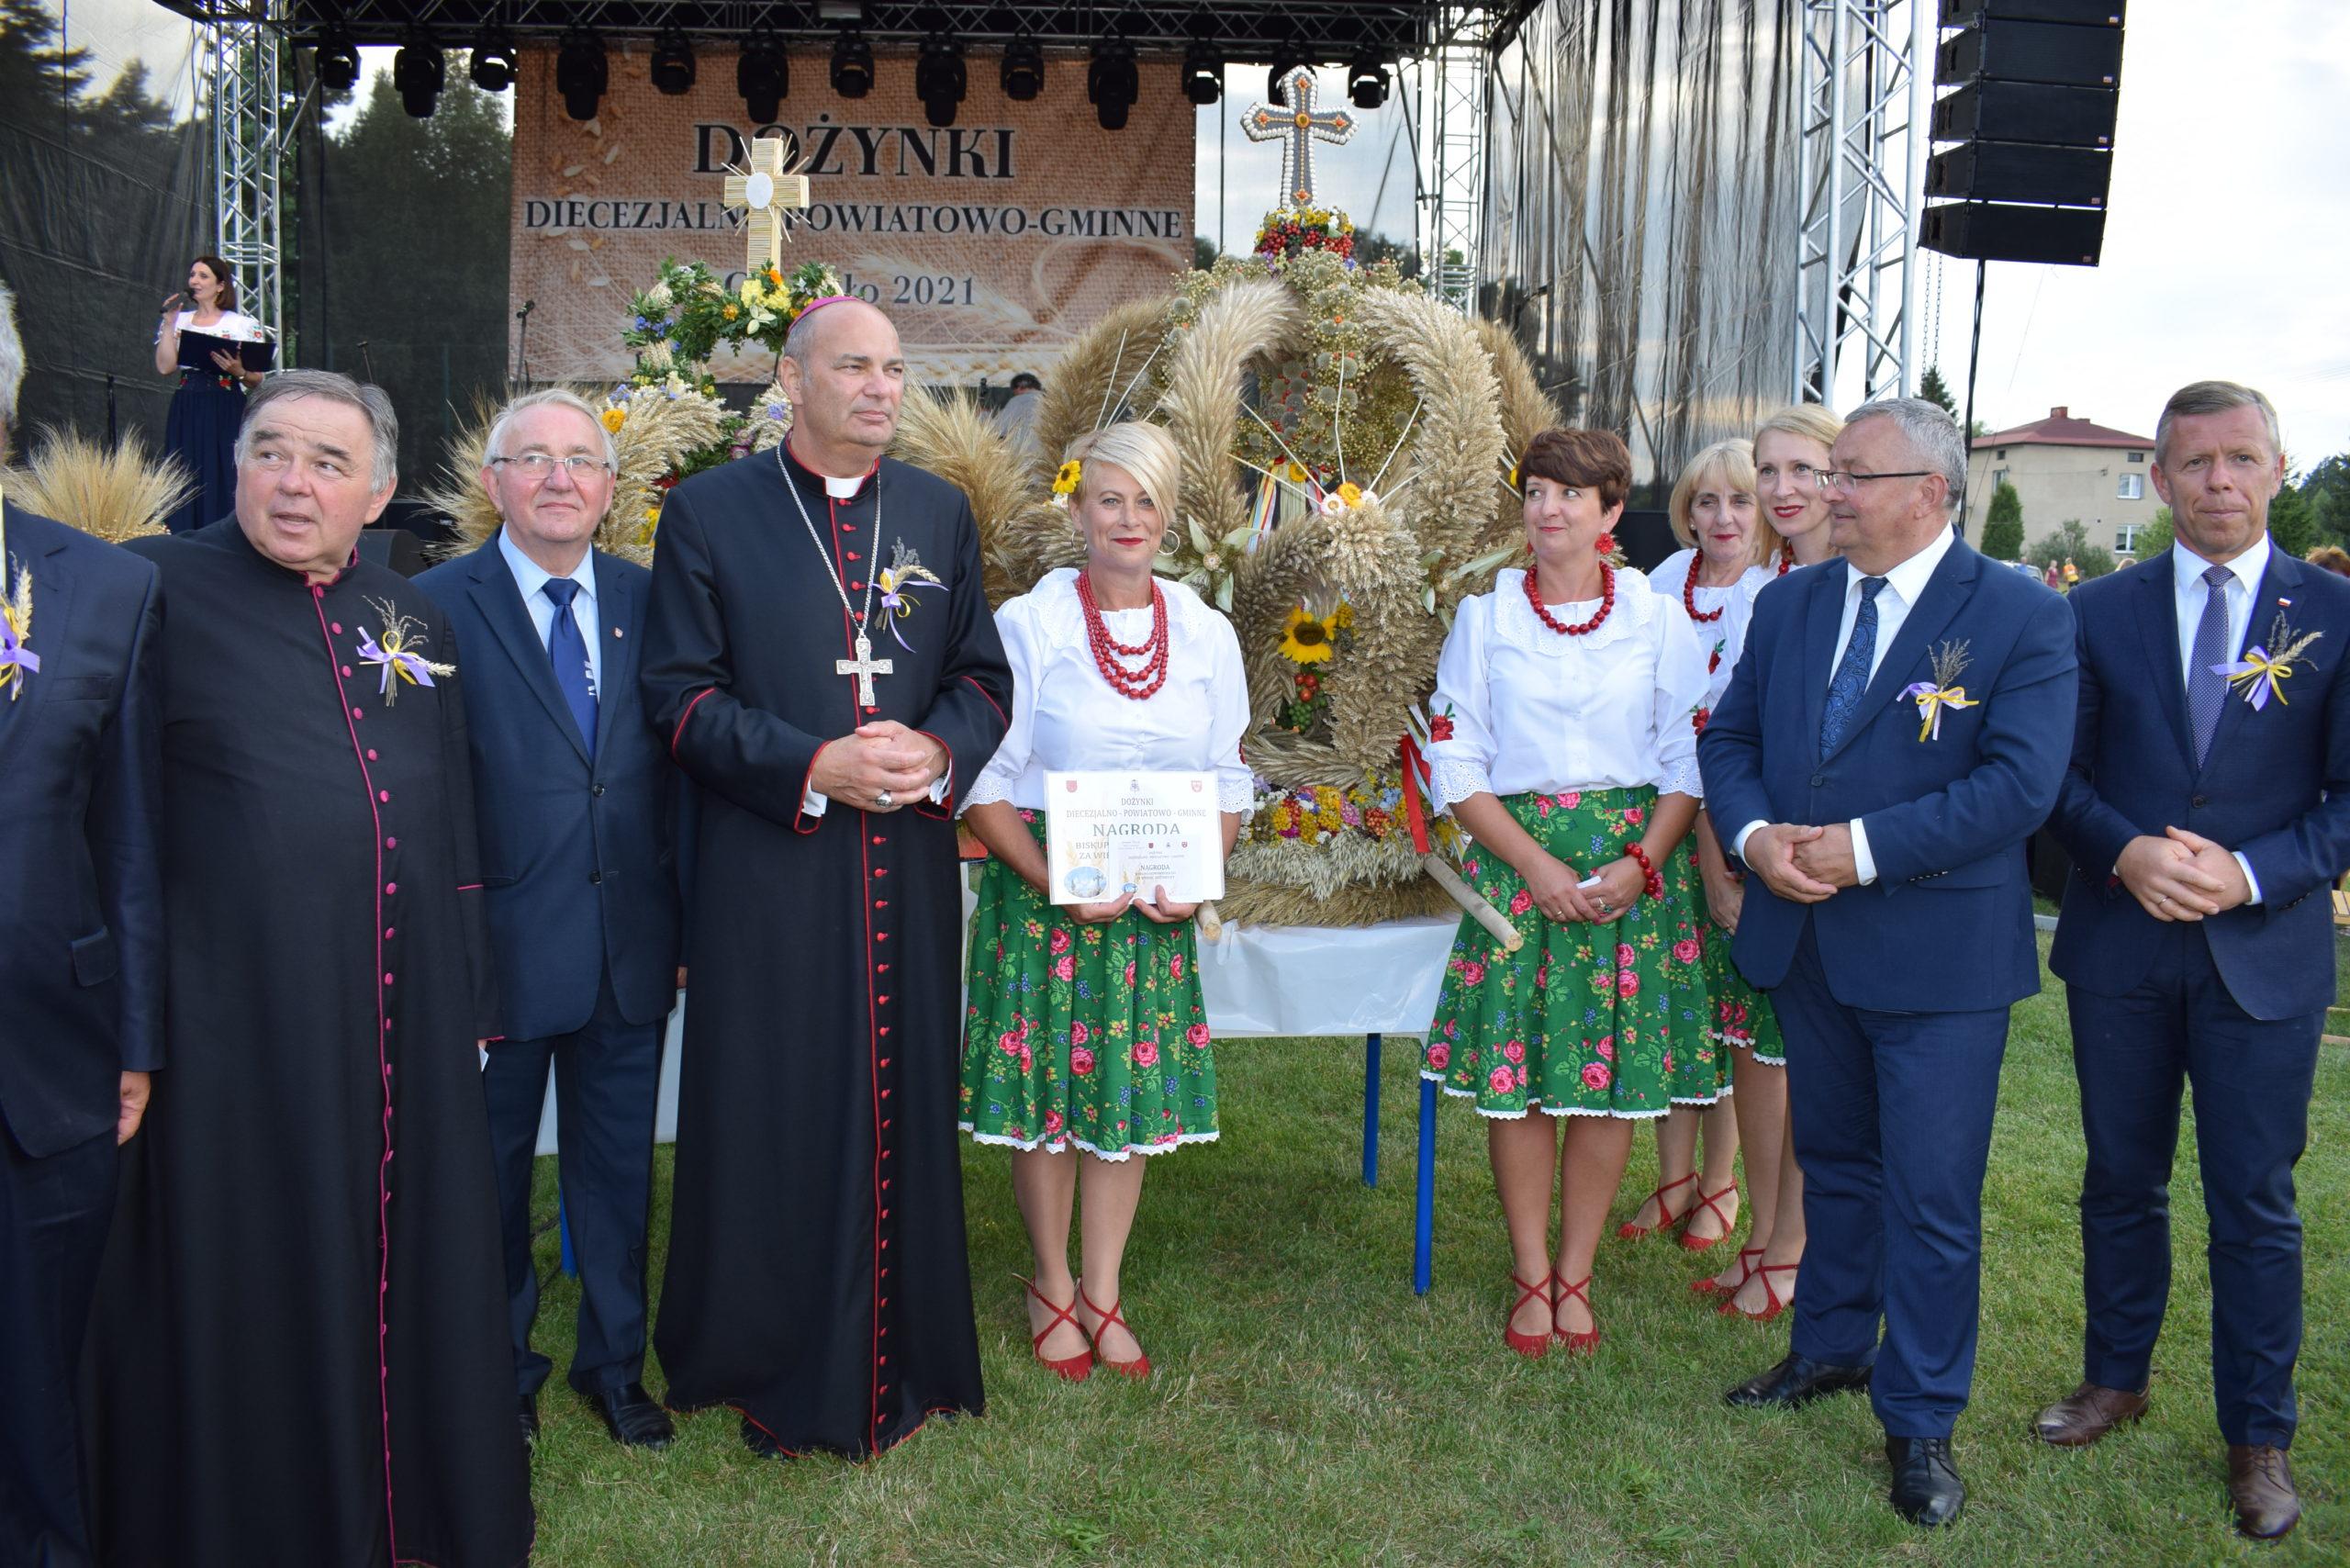 Dożynki Diecezjalne Chechło 2021